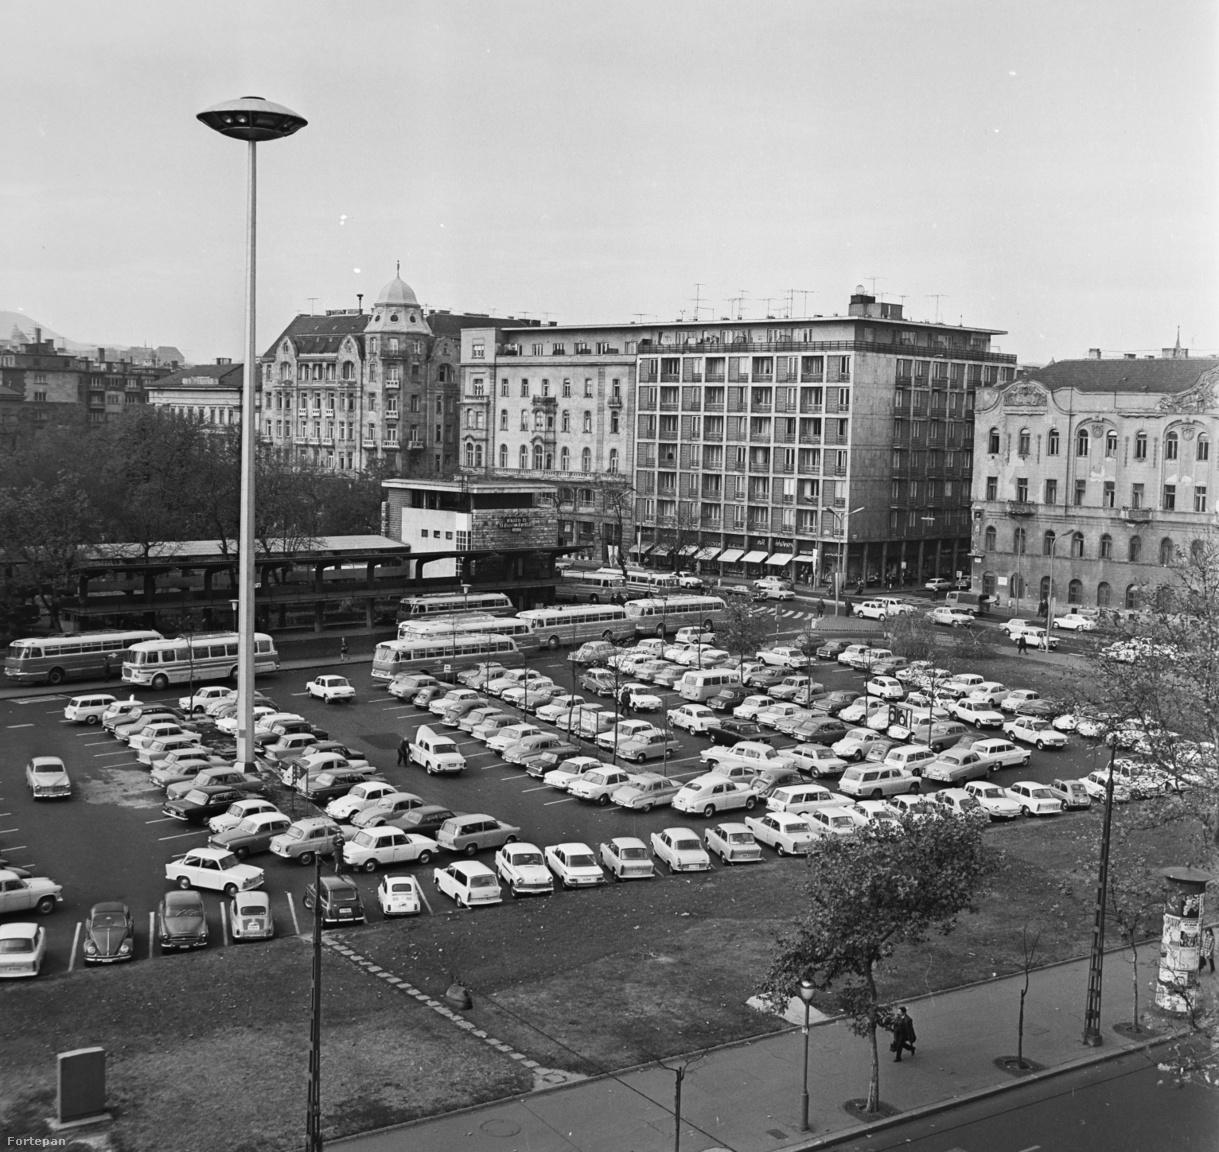 A főváros egyik legnagyobb szabadtéri, közterületi parkolójának az Engels (ma Erzsébet) tér számított sokáig. A kilencvenes években a parkolót a Nemzeti Színház új épülete váltotta volna, de politikai okokból a színházépítés félbeszakadt, és nagy gödör csúfoskodott a helyén évekig, míg végül a színház a Lágymányosi hídnál épült meg, az Erzsébet téri gödröt pedig a Gödör nevű szórakozóhely töltötte ki.